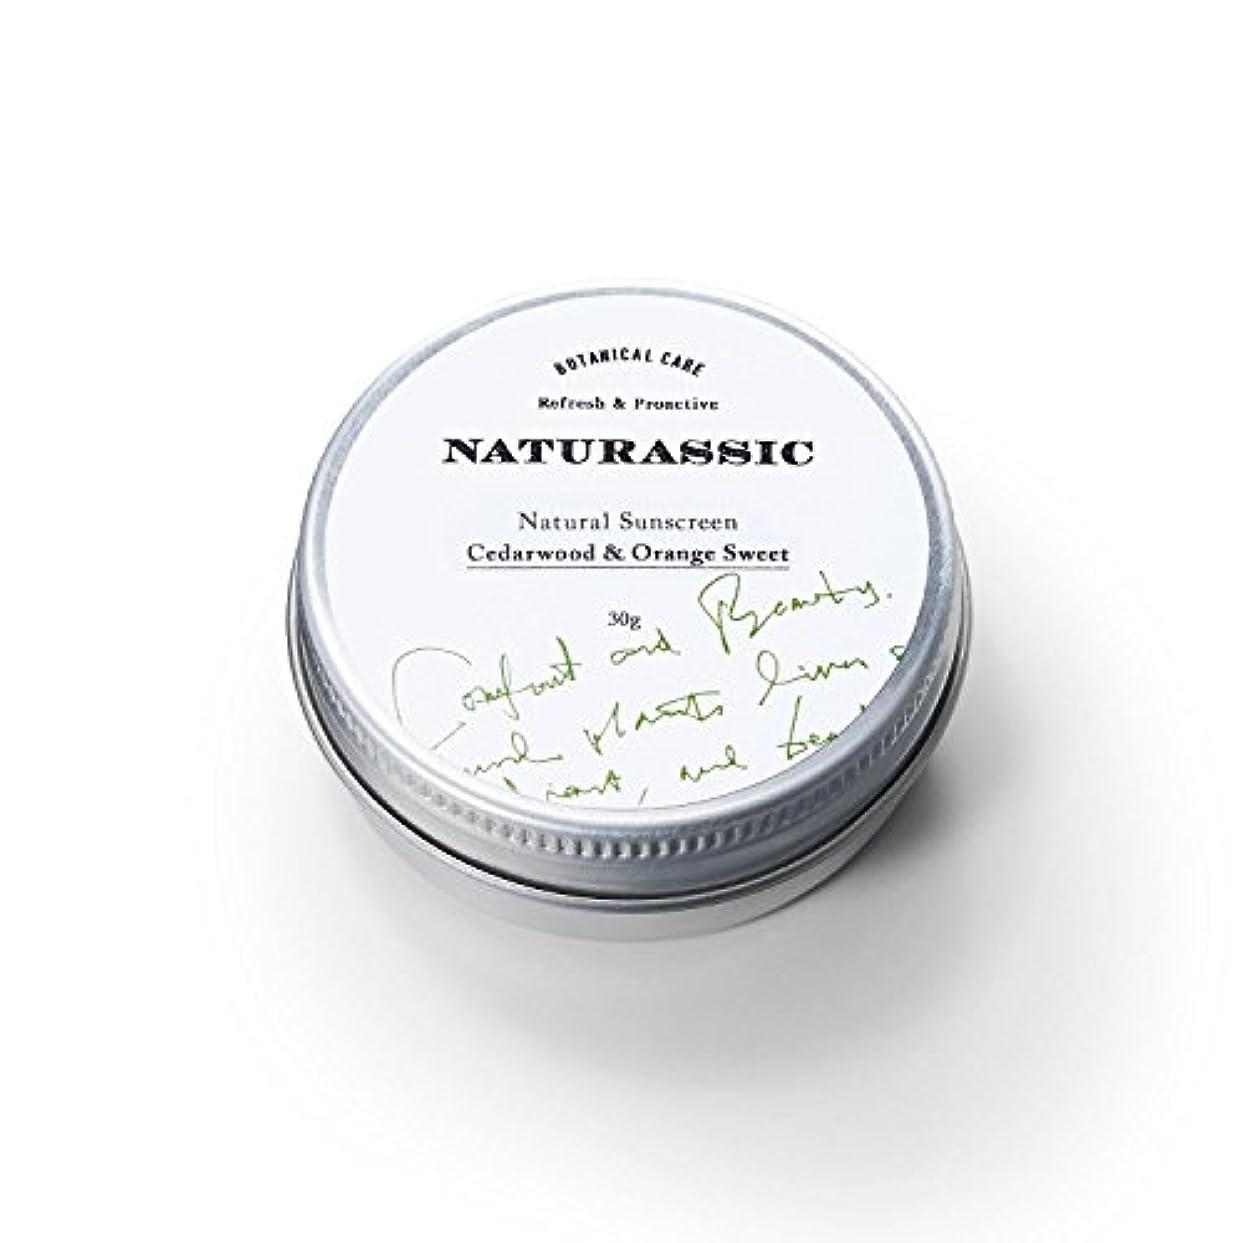 コットン行細胞ナチュラシック ナチュラルサンスクリーンCO シダーウッド&オレンジスイートの香り 30g [天然由来成分100%]